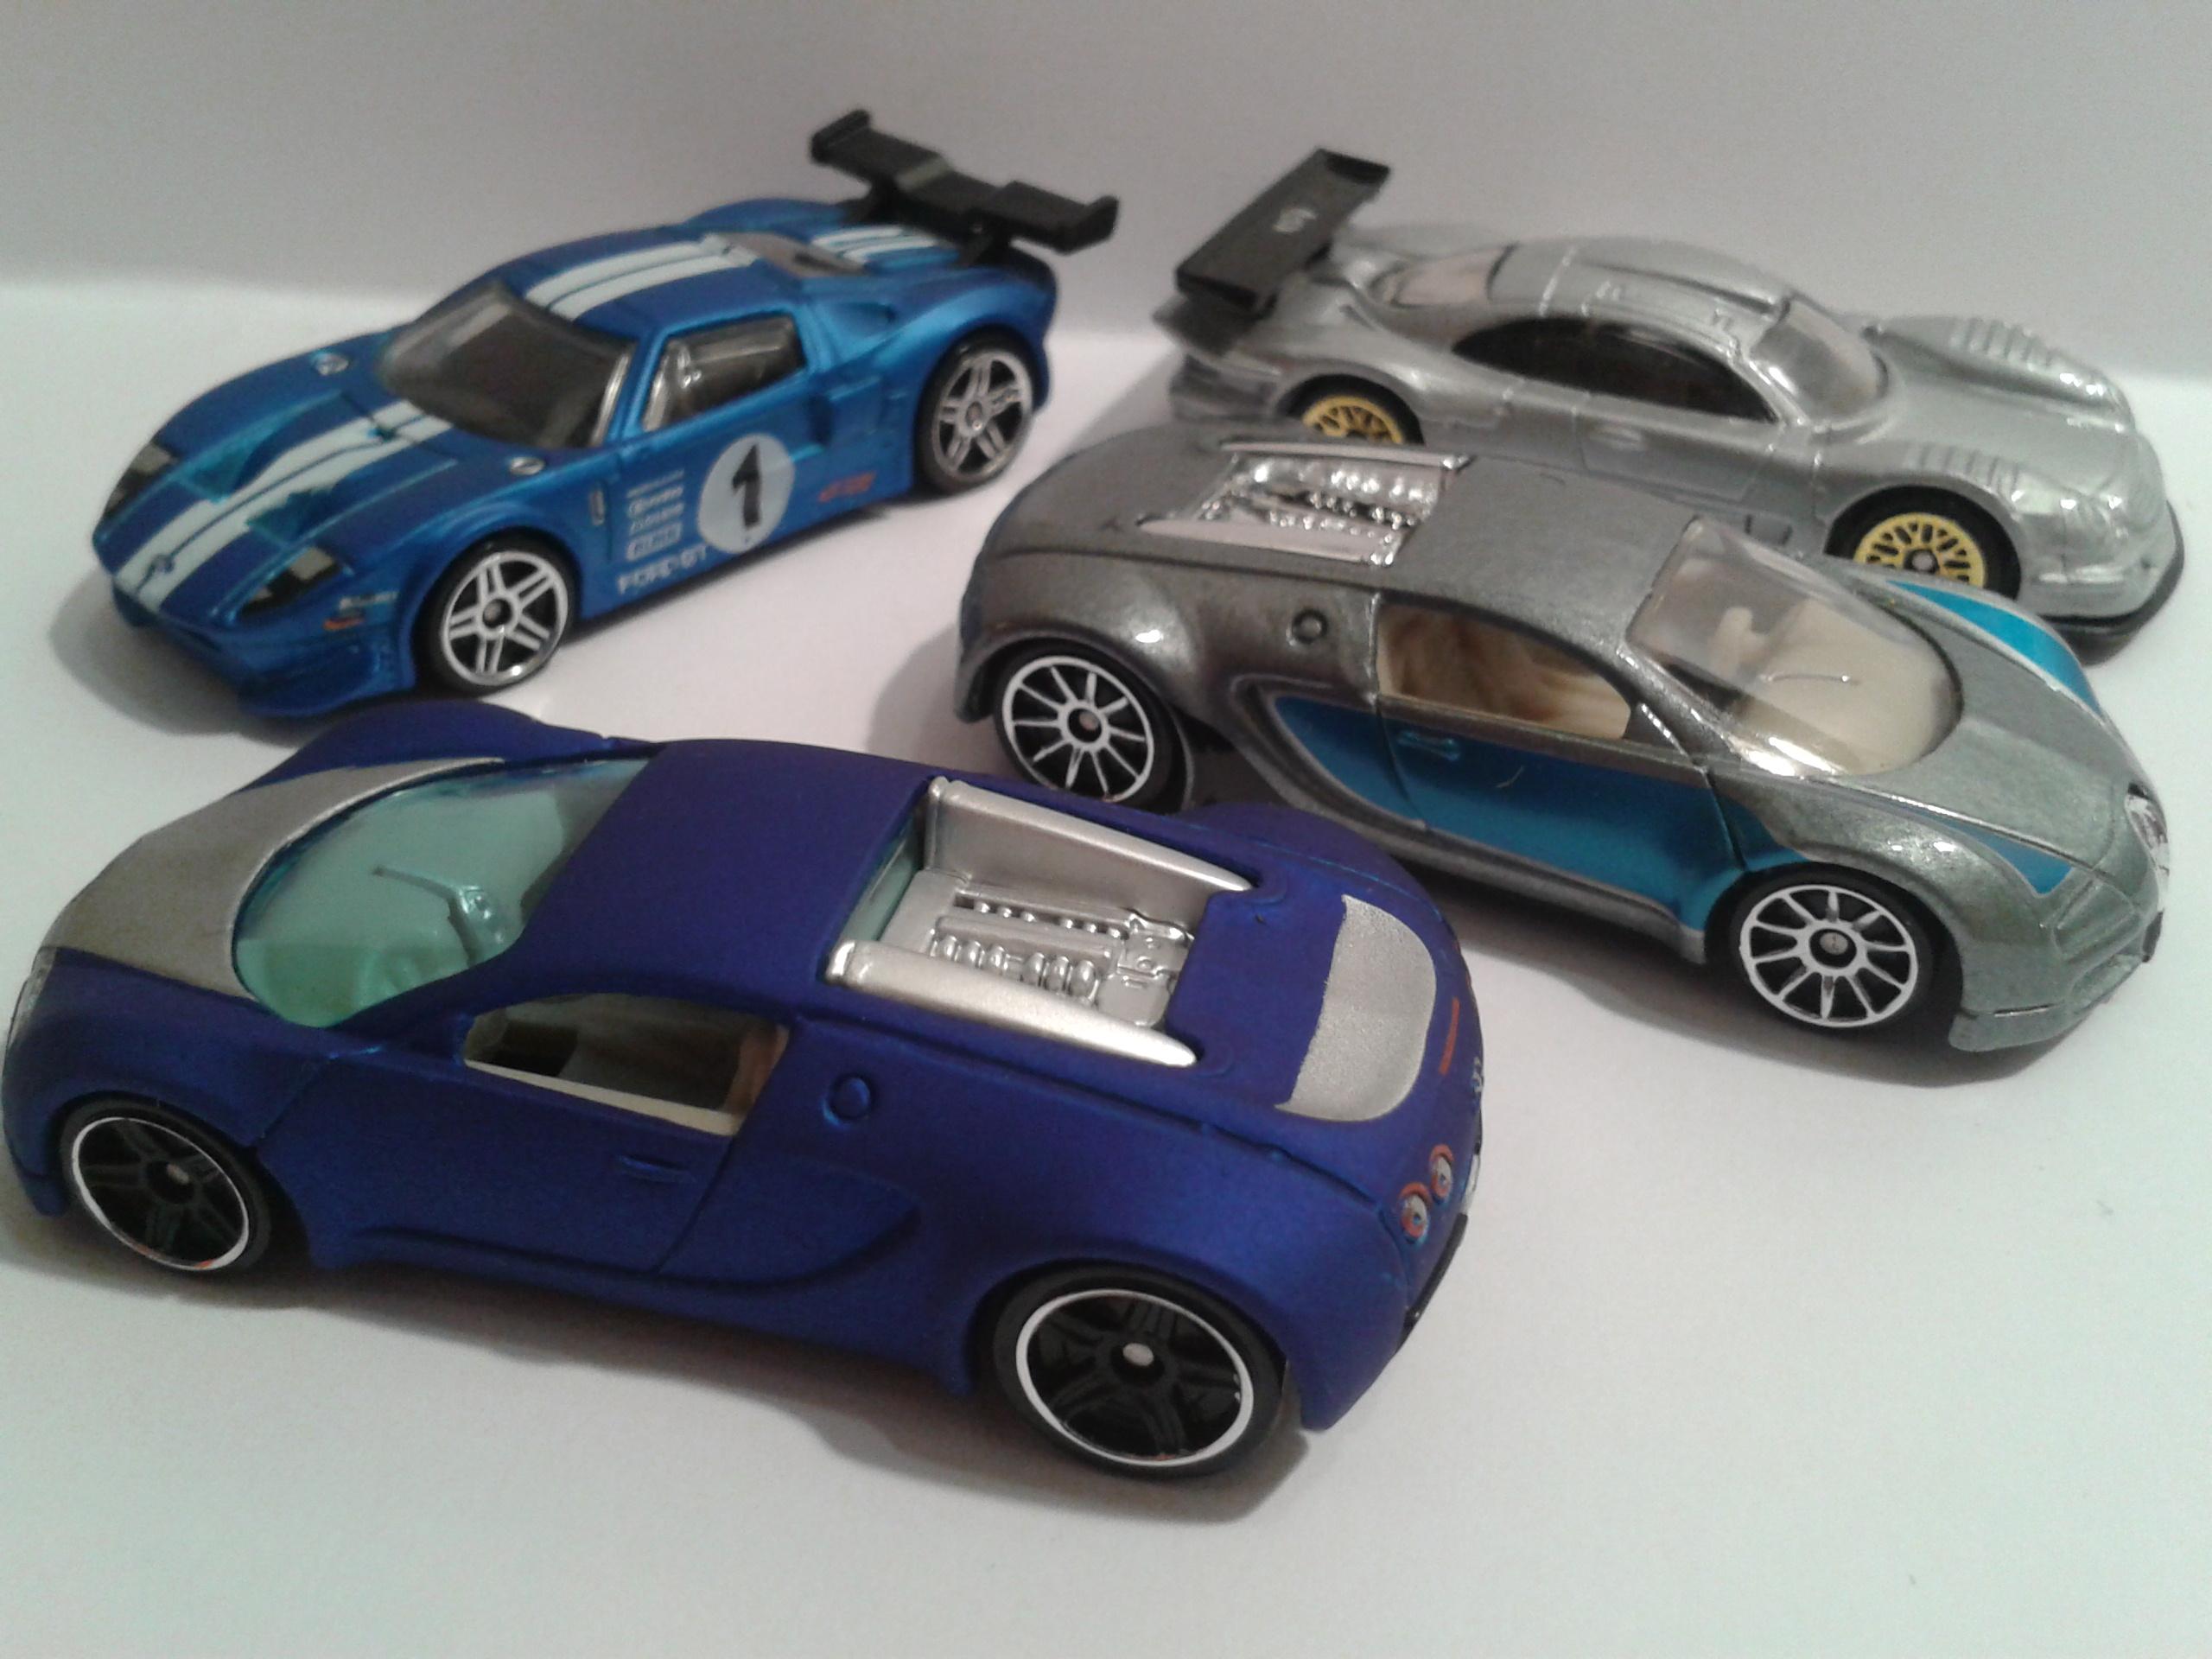 8310195343_ffaf3778cb_o Elegant Bugatti Veyron toy Car Hot Wheels Cars Trend